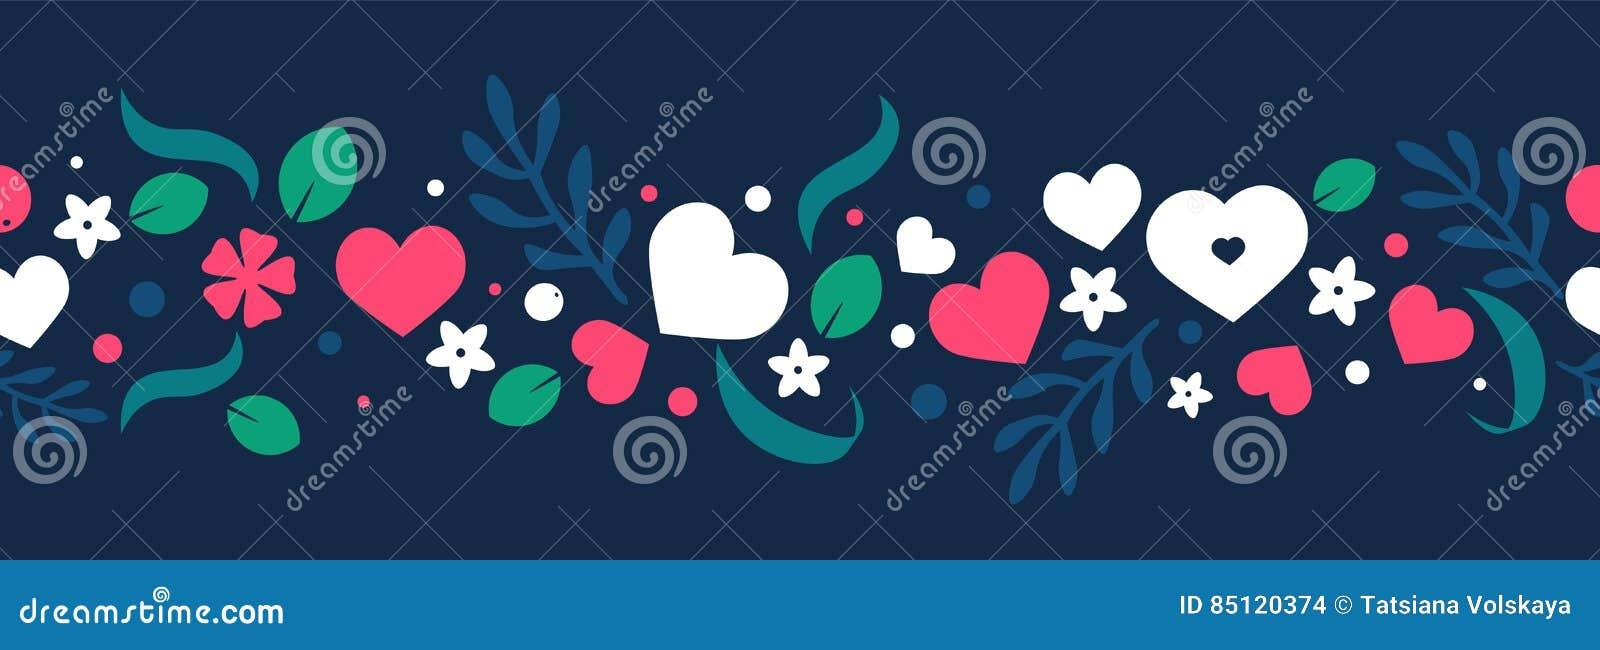 Vector flachen Hintergrund, nahtloses Musterdesign mit Herzen